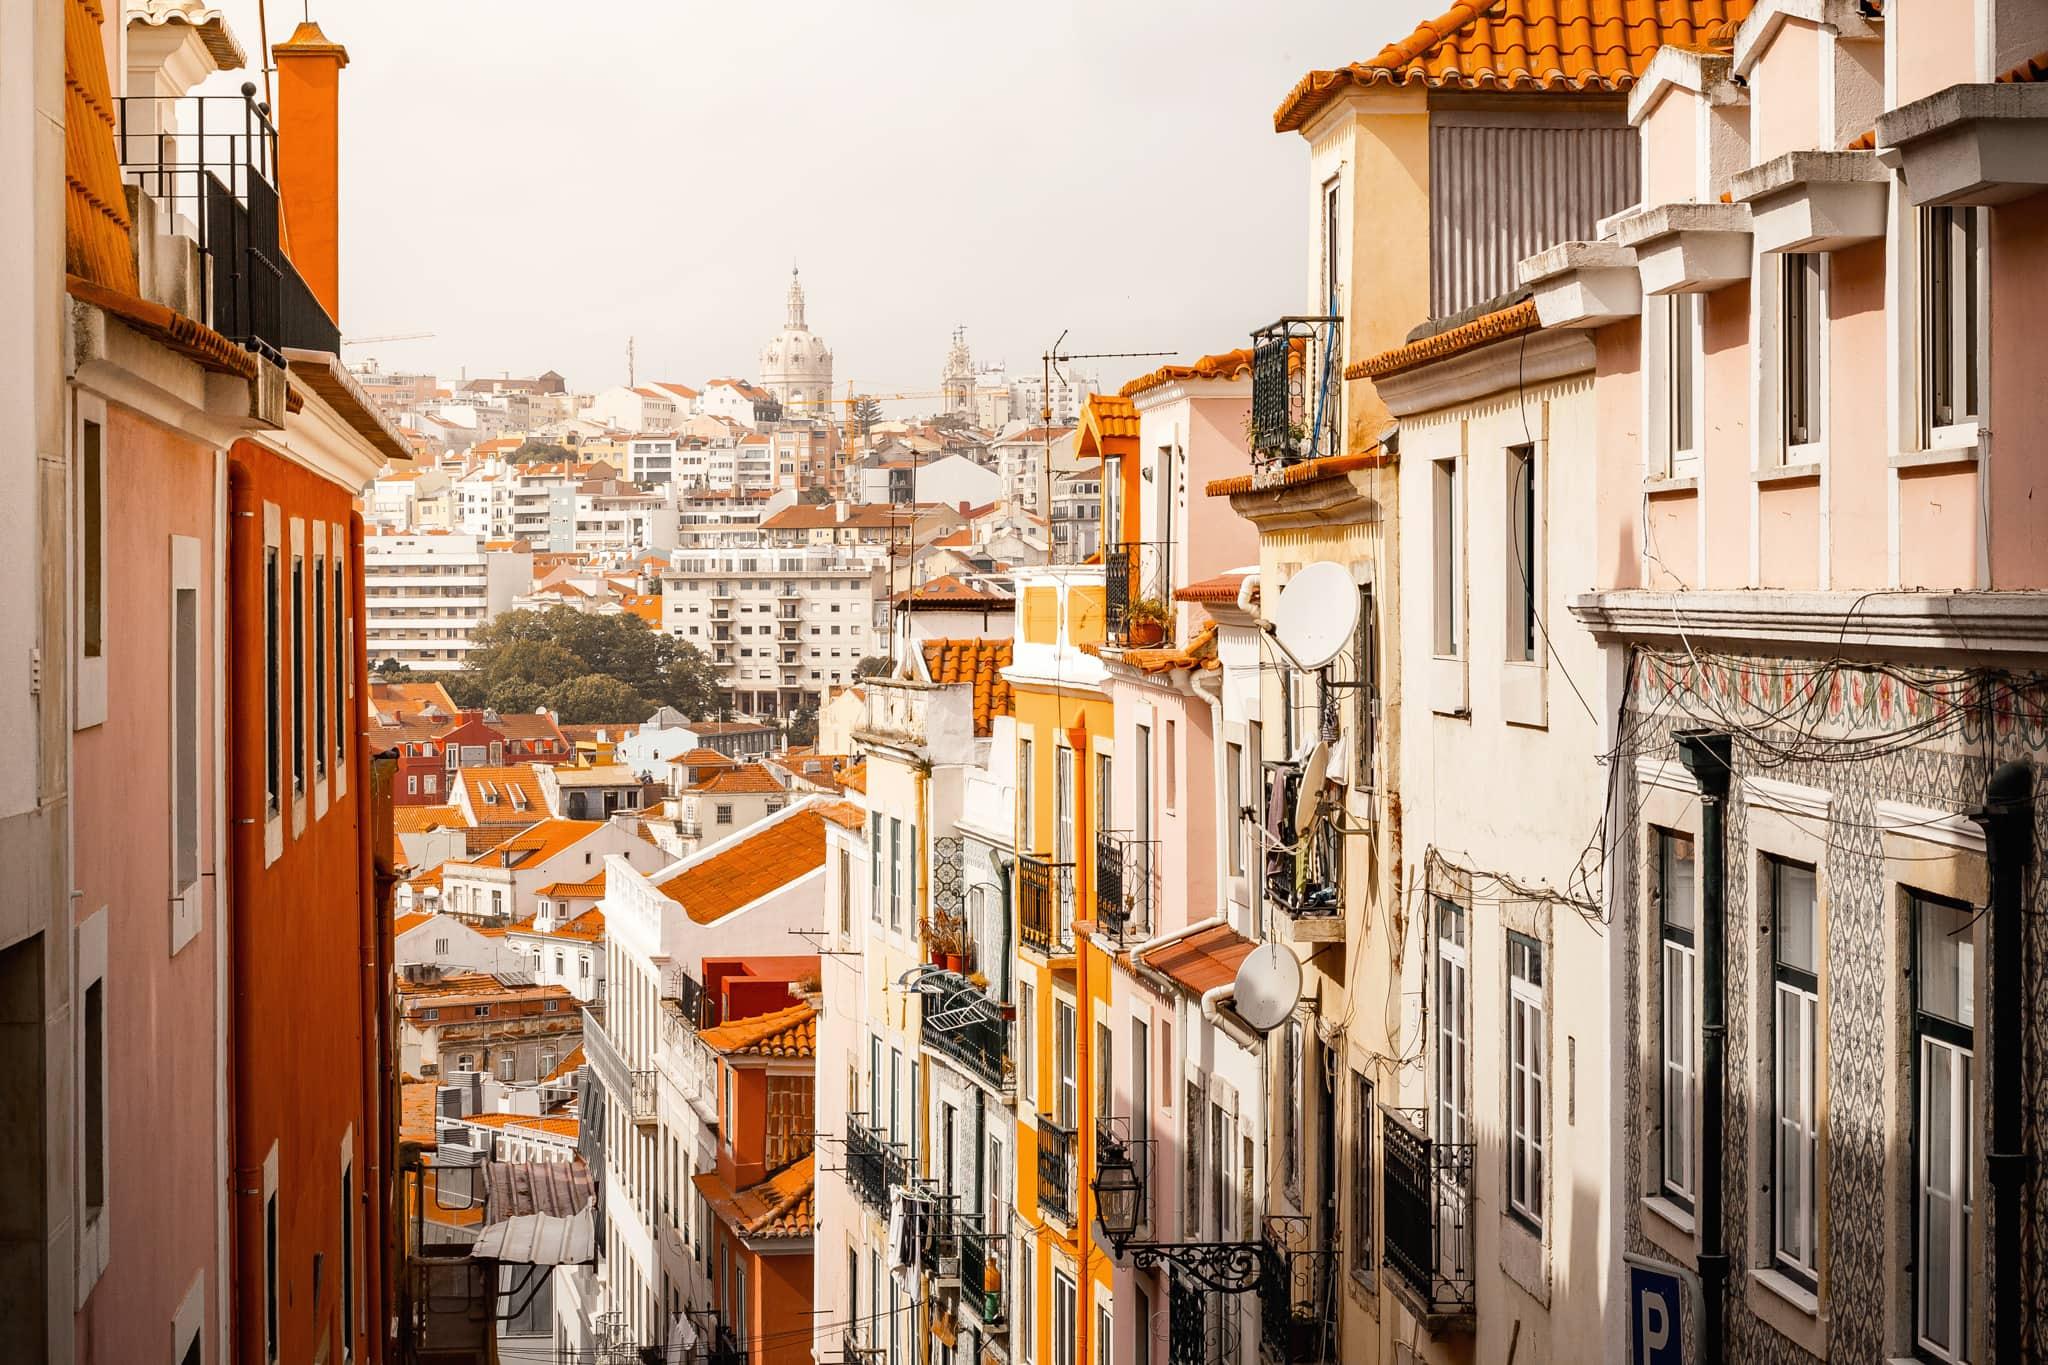 Häuser von Lissabon, Portugal, Europa